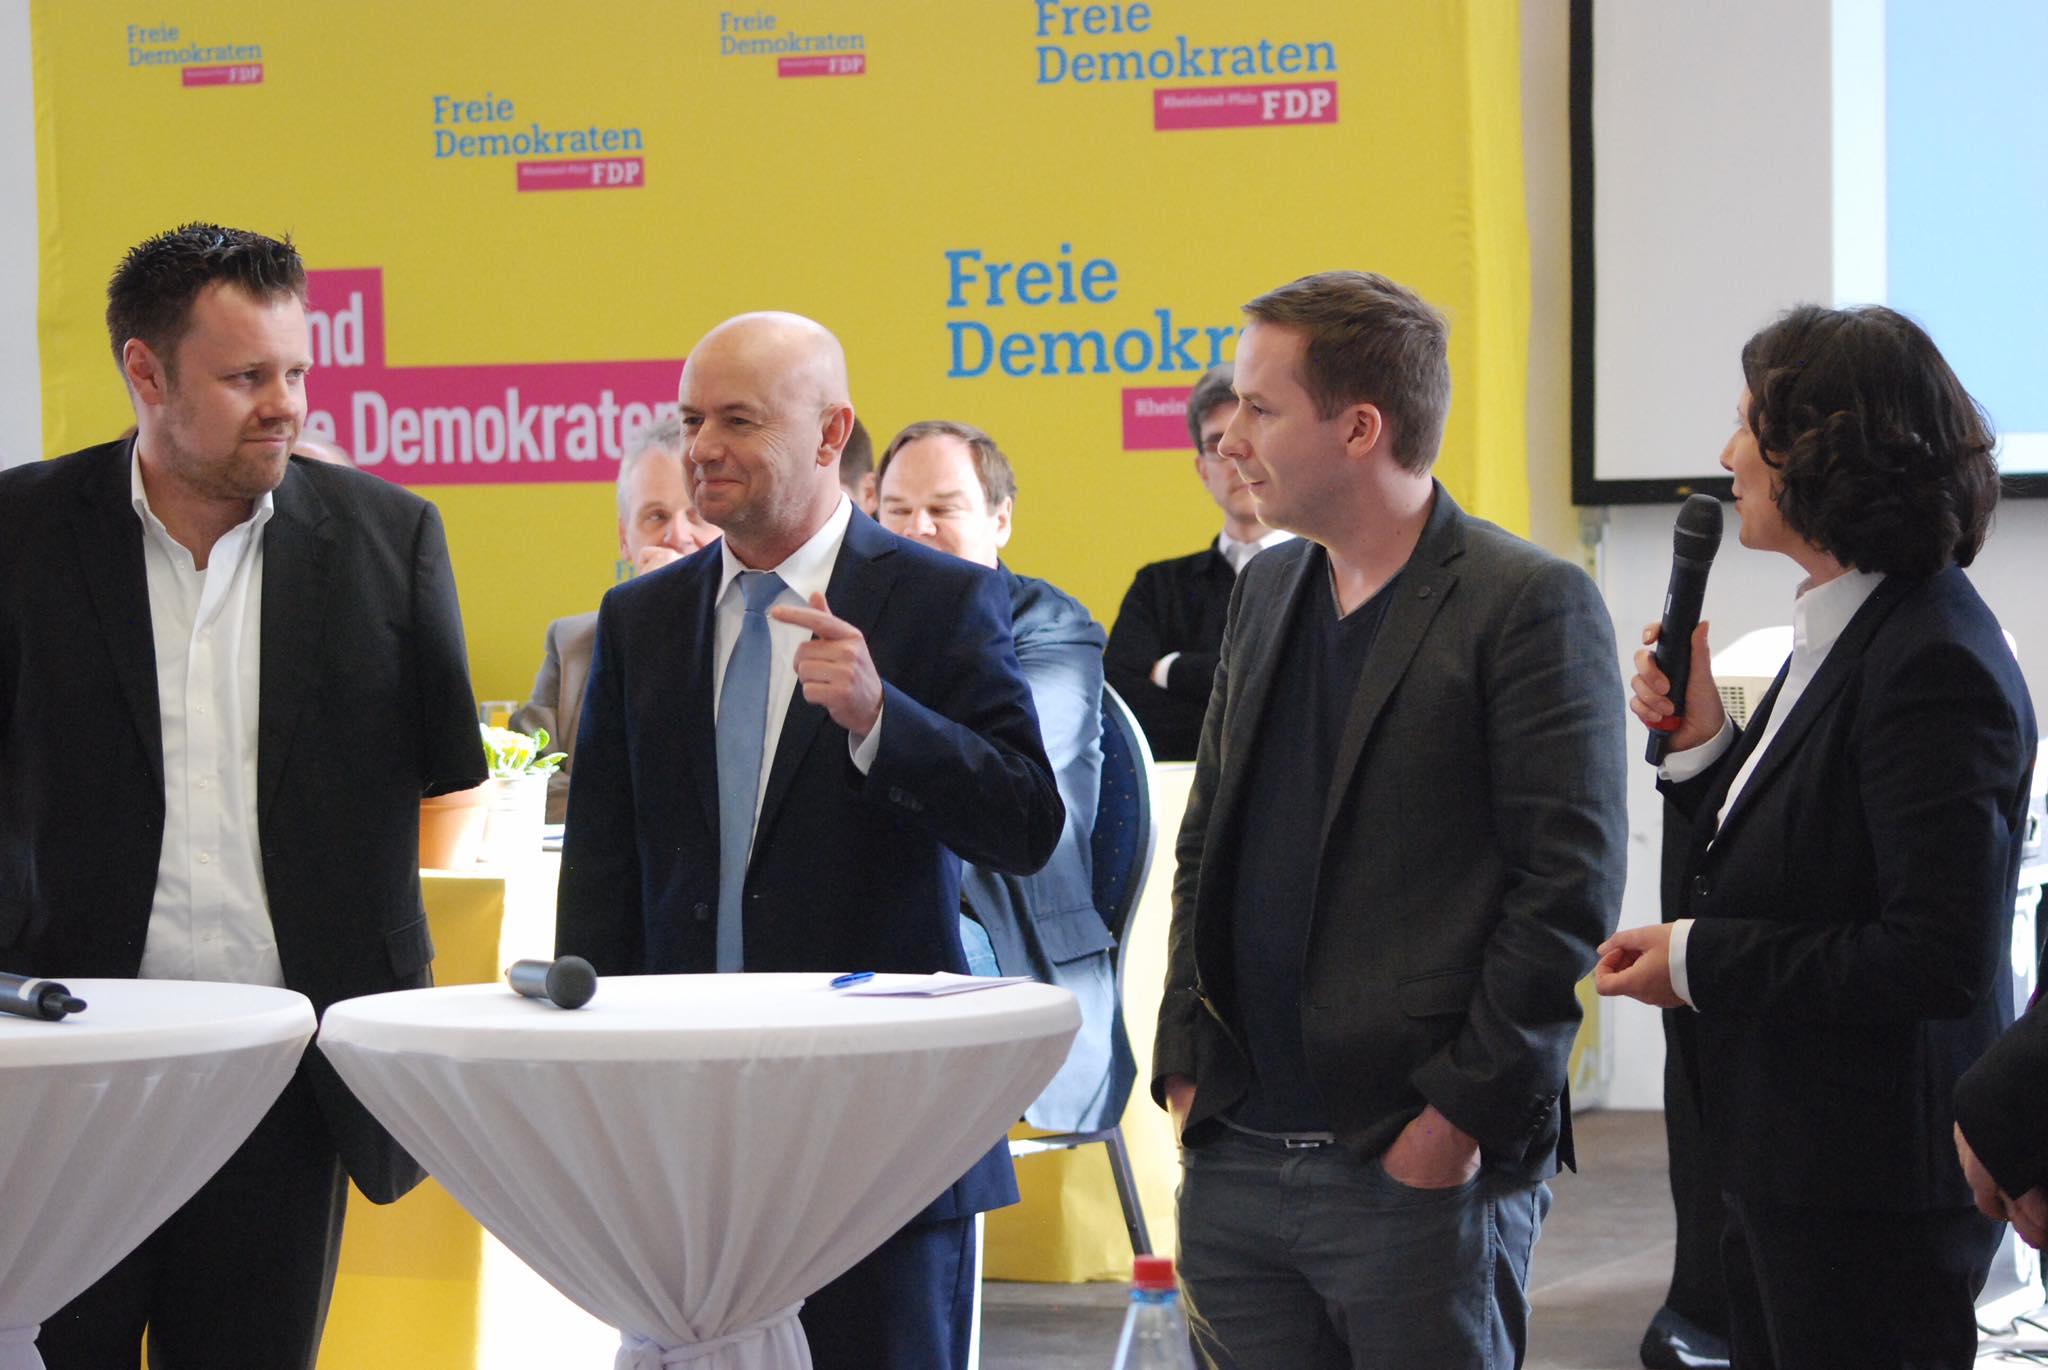 Gesprächsrunde mit den Kandidaten David Dietz, Dr. Thomas Schell und Florian Glock (v.l.)